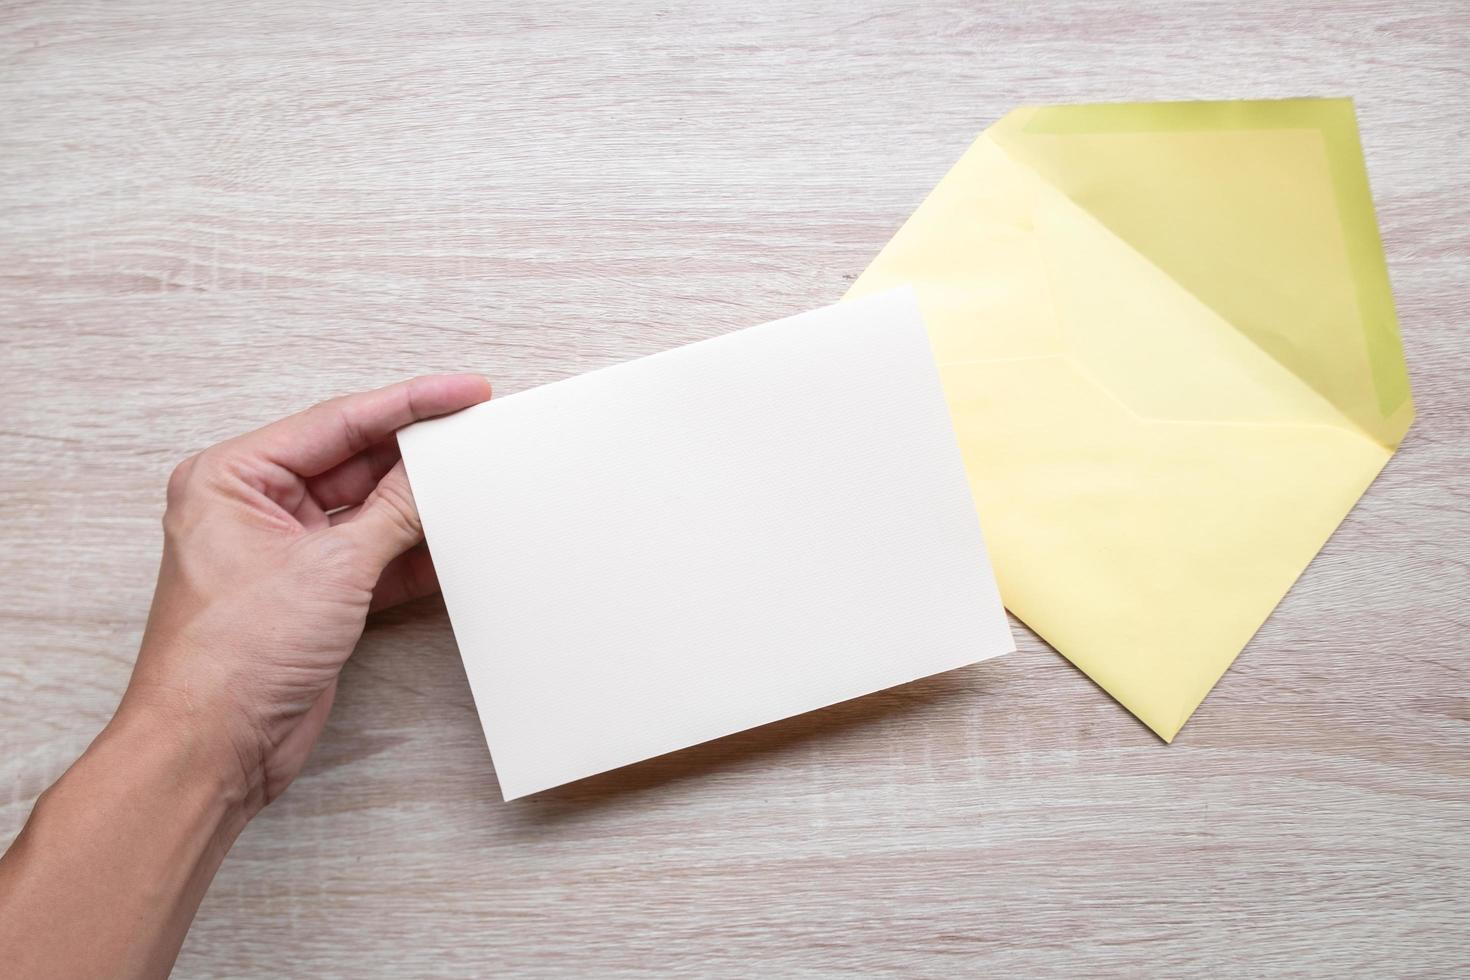 tarjeta blanca en blanco con sobre amarillo foto